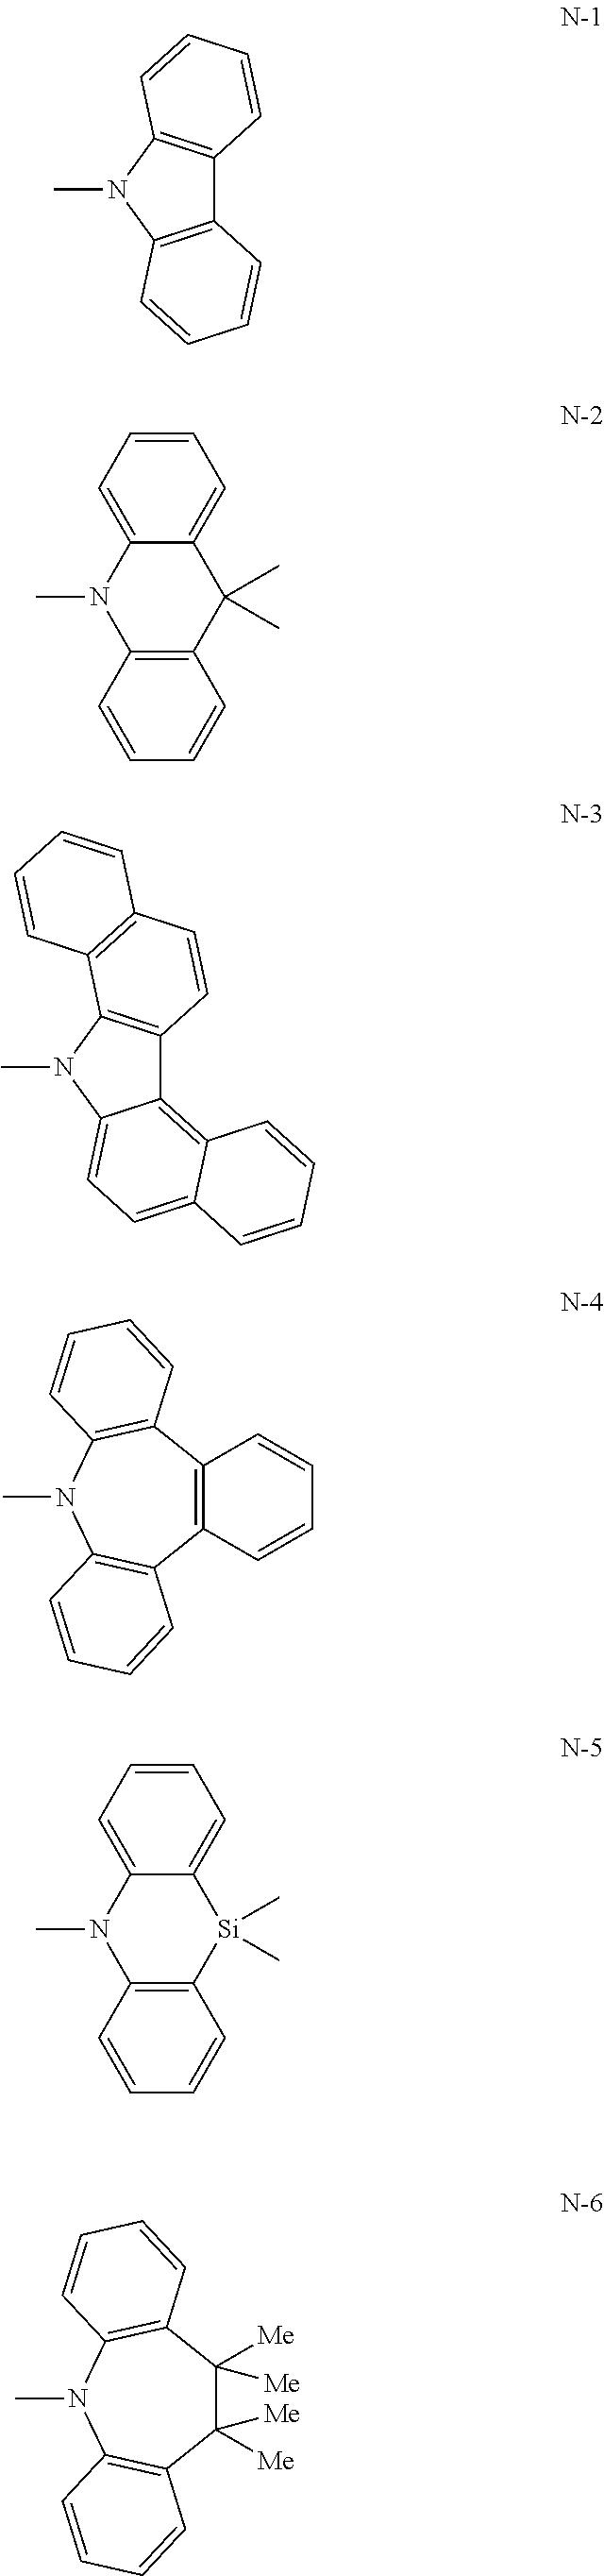 Figure US08847141-20140930-C00017